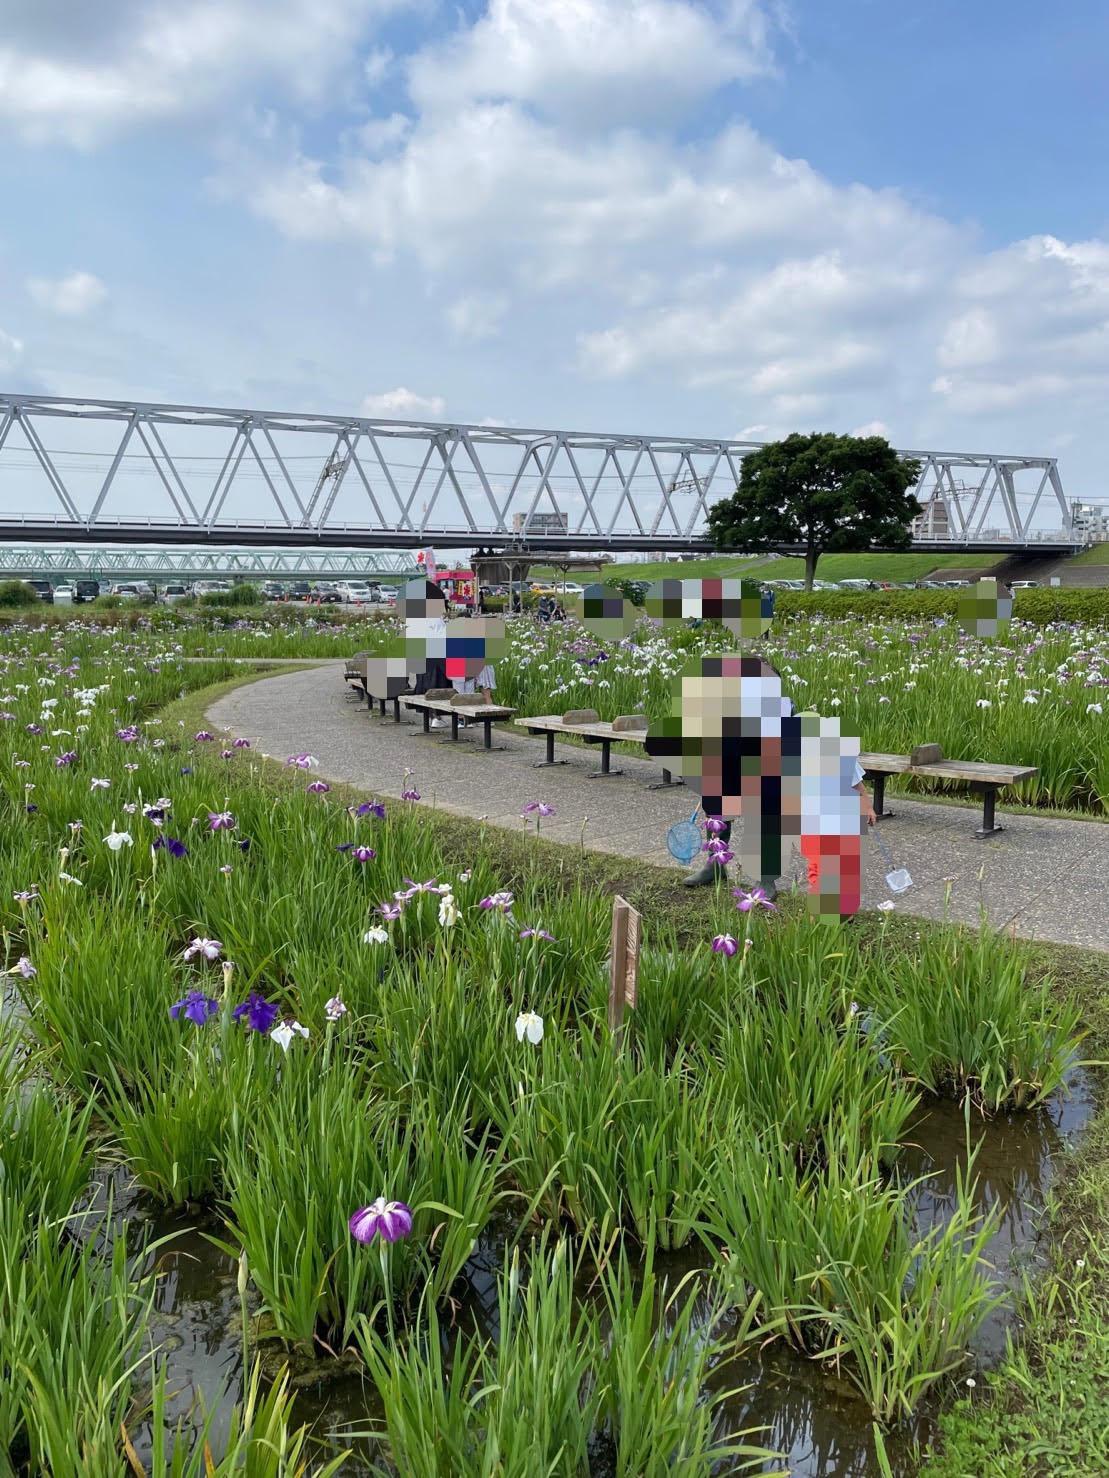 京成線の電車が走る陸橋の写真